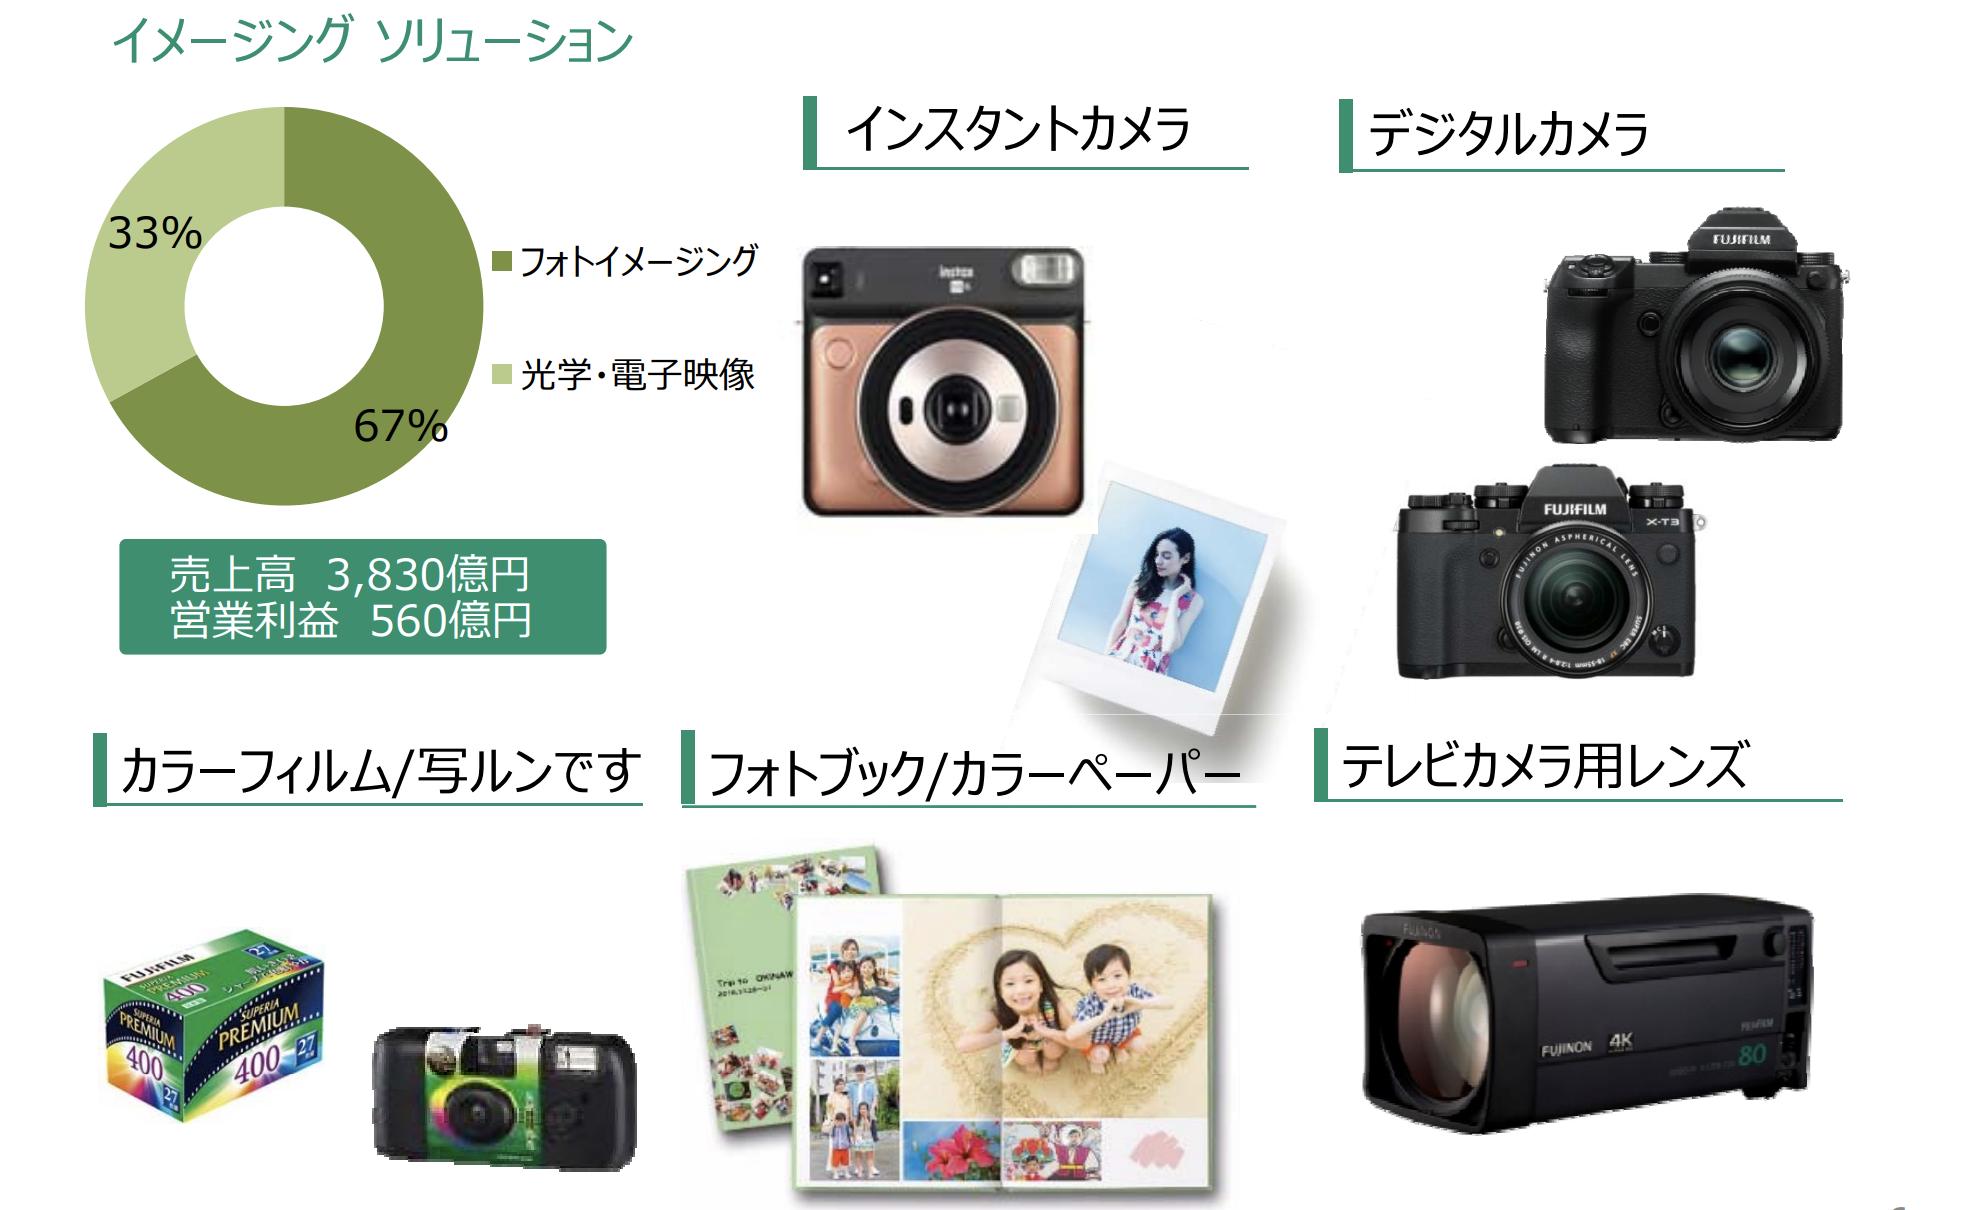 祖業の写真やカメラなどを扱う「イメージング」ソリューション